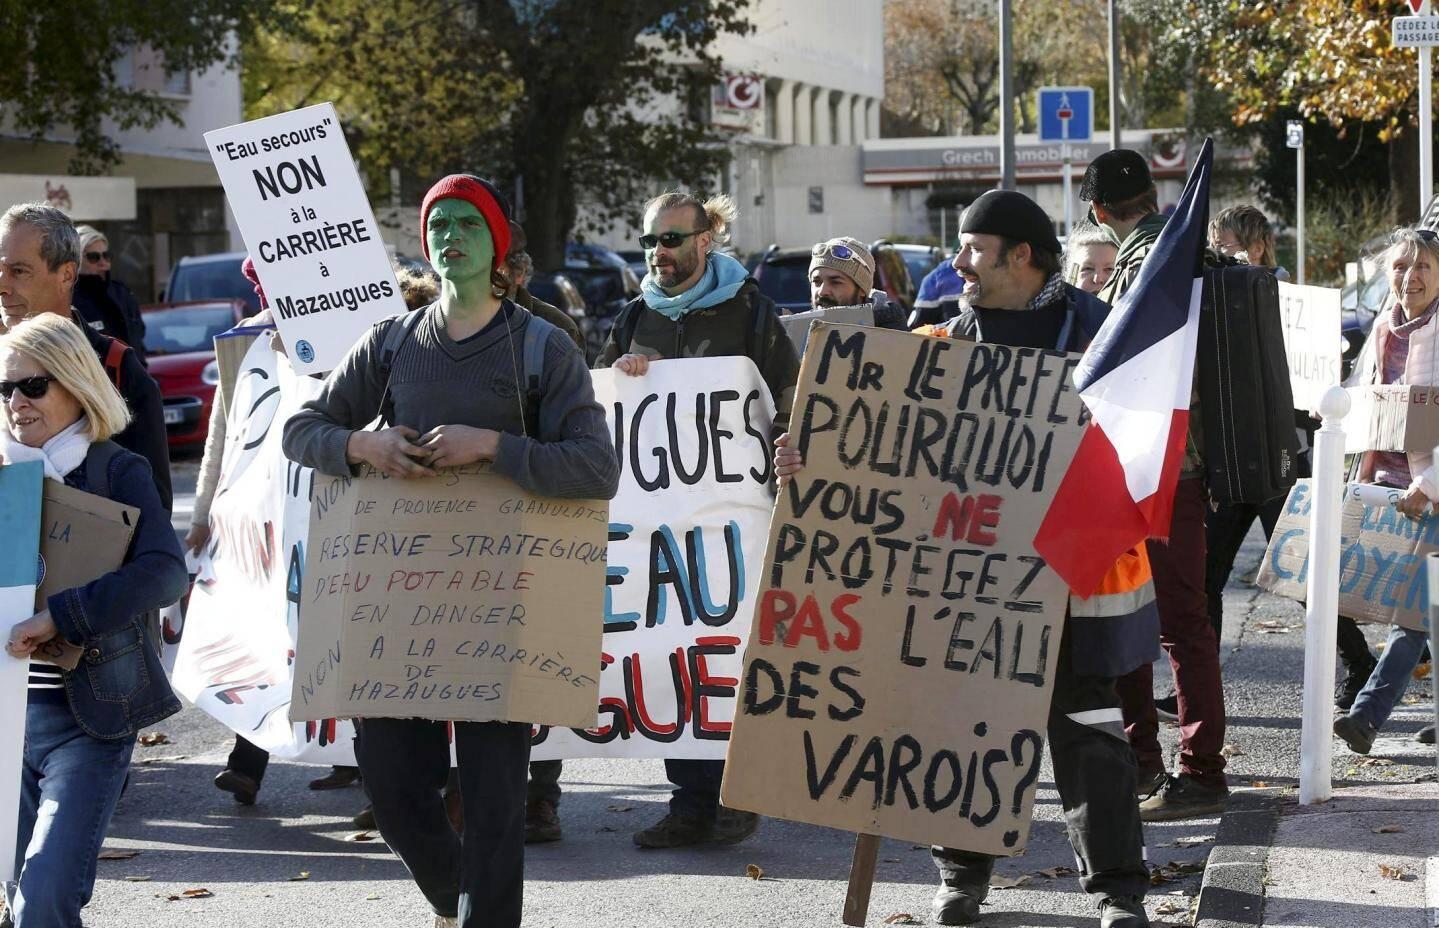 Les opposants à la carrière de Mazaugues déterminés à alerter les citoyens sur les risques encourus.